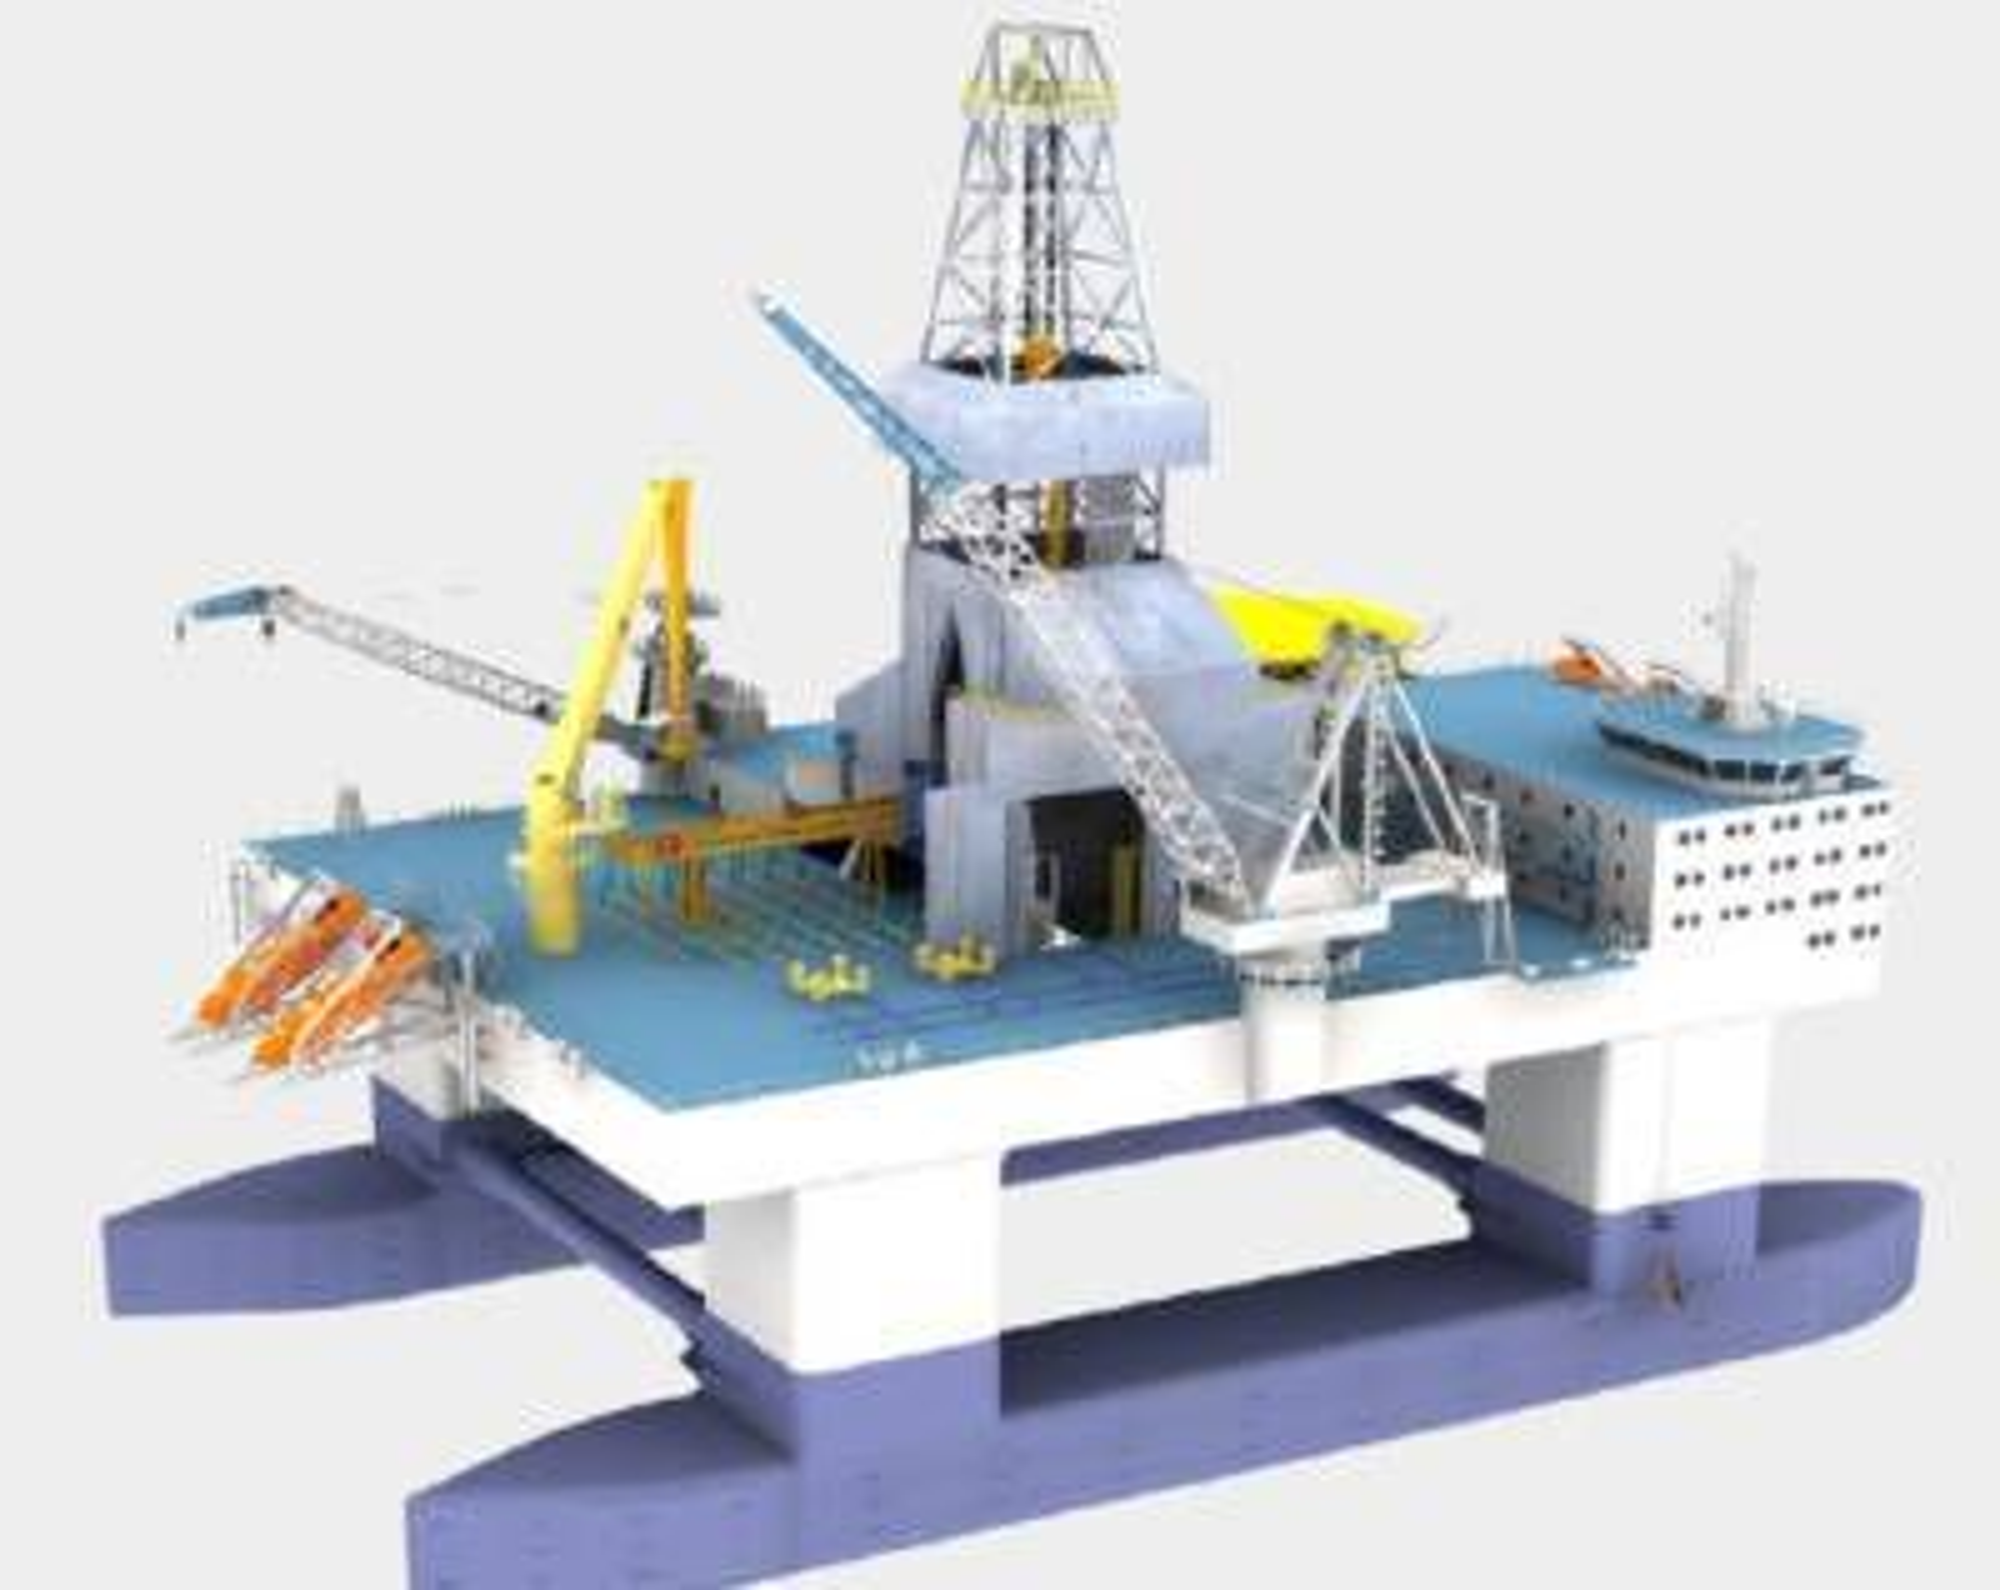 Awilco er blant selskapene som har fått kreditthjelp fra GIEK det siste året. Awilco har bestilt sin tredje rigg, WilcoPromoter, fra Yantai Raffles Shipyard i Singapore.